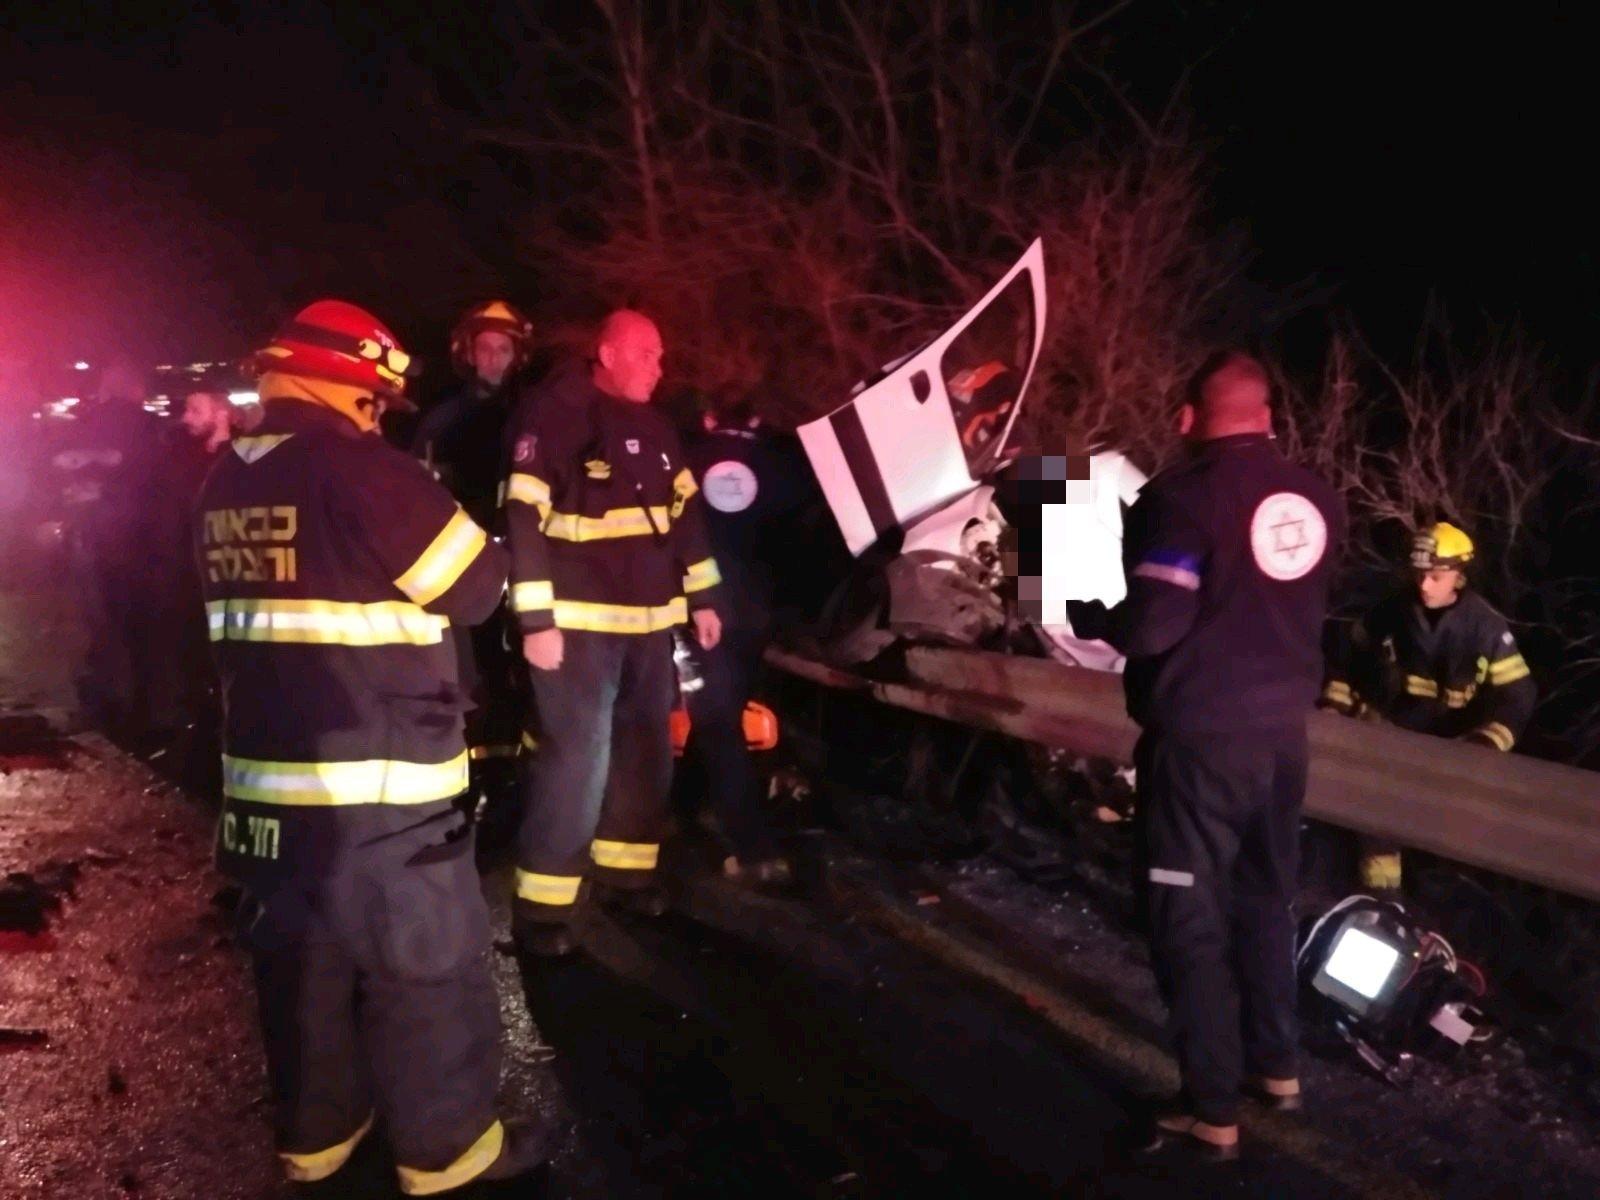 قتيلان و3 جرحى كلهم عرب بحادث وانفجار سيارة قرب مفترق الكابري-3